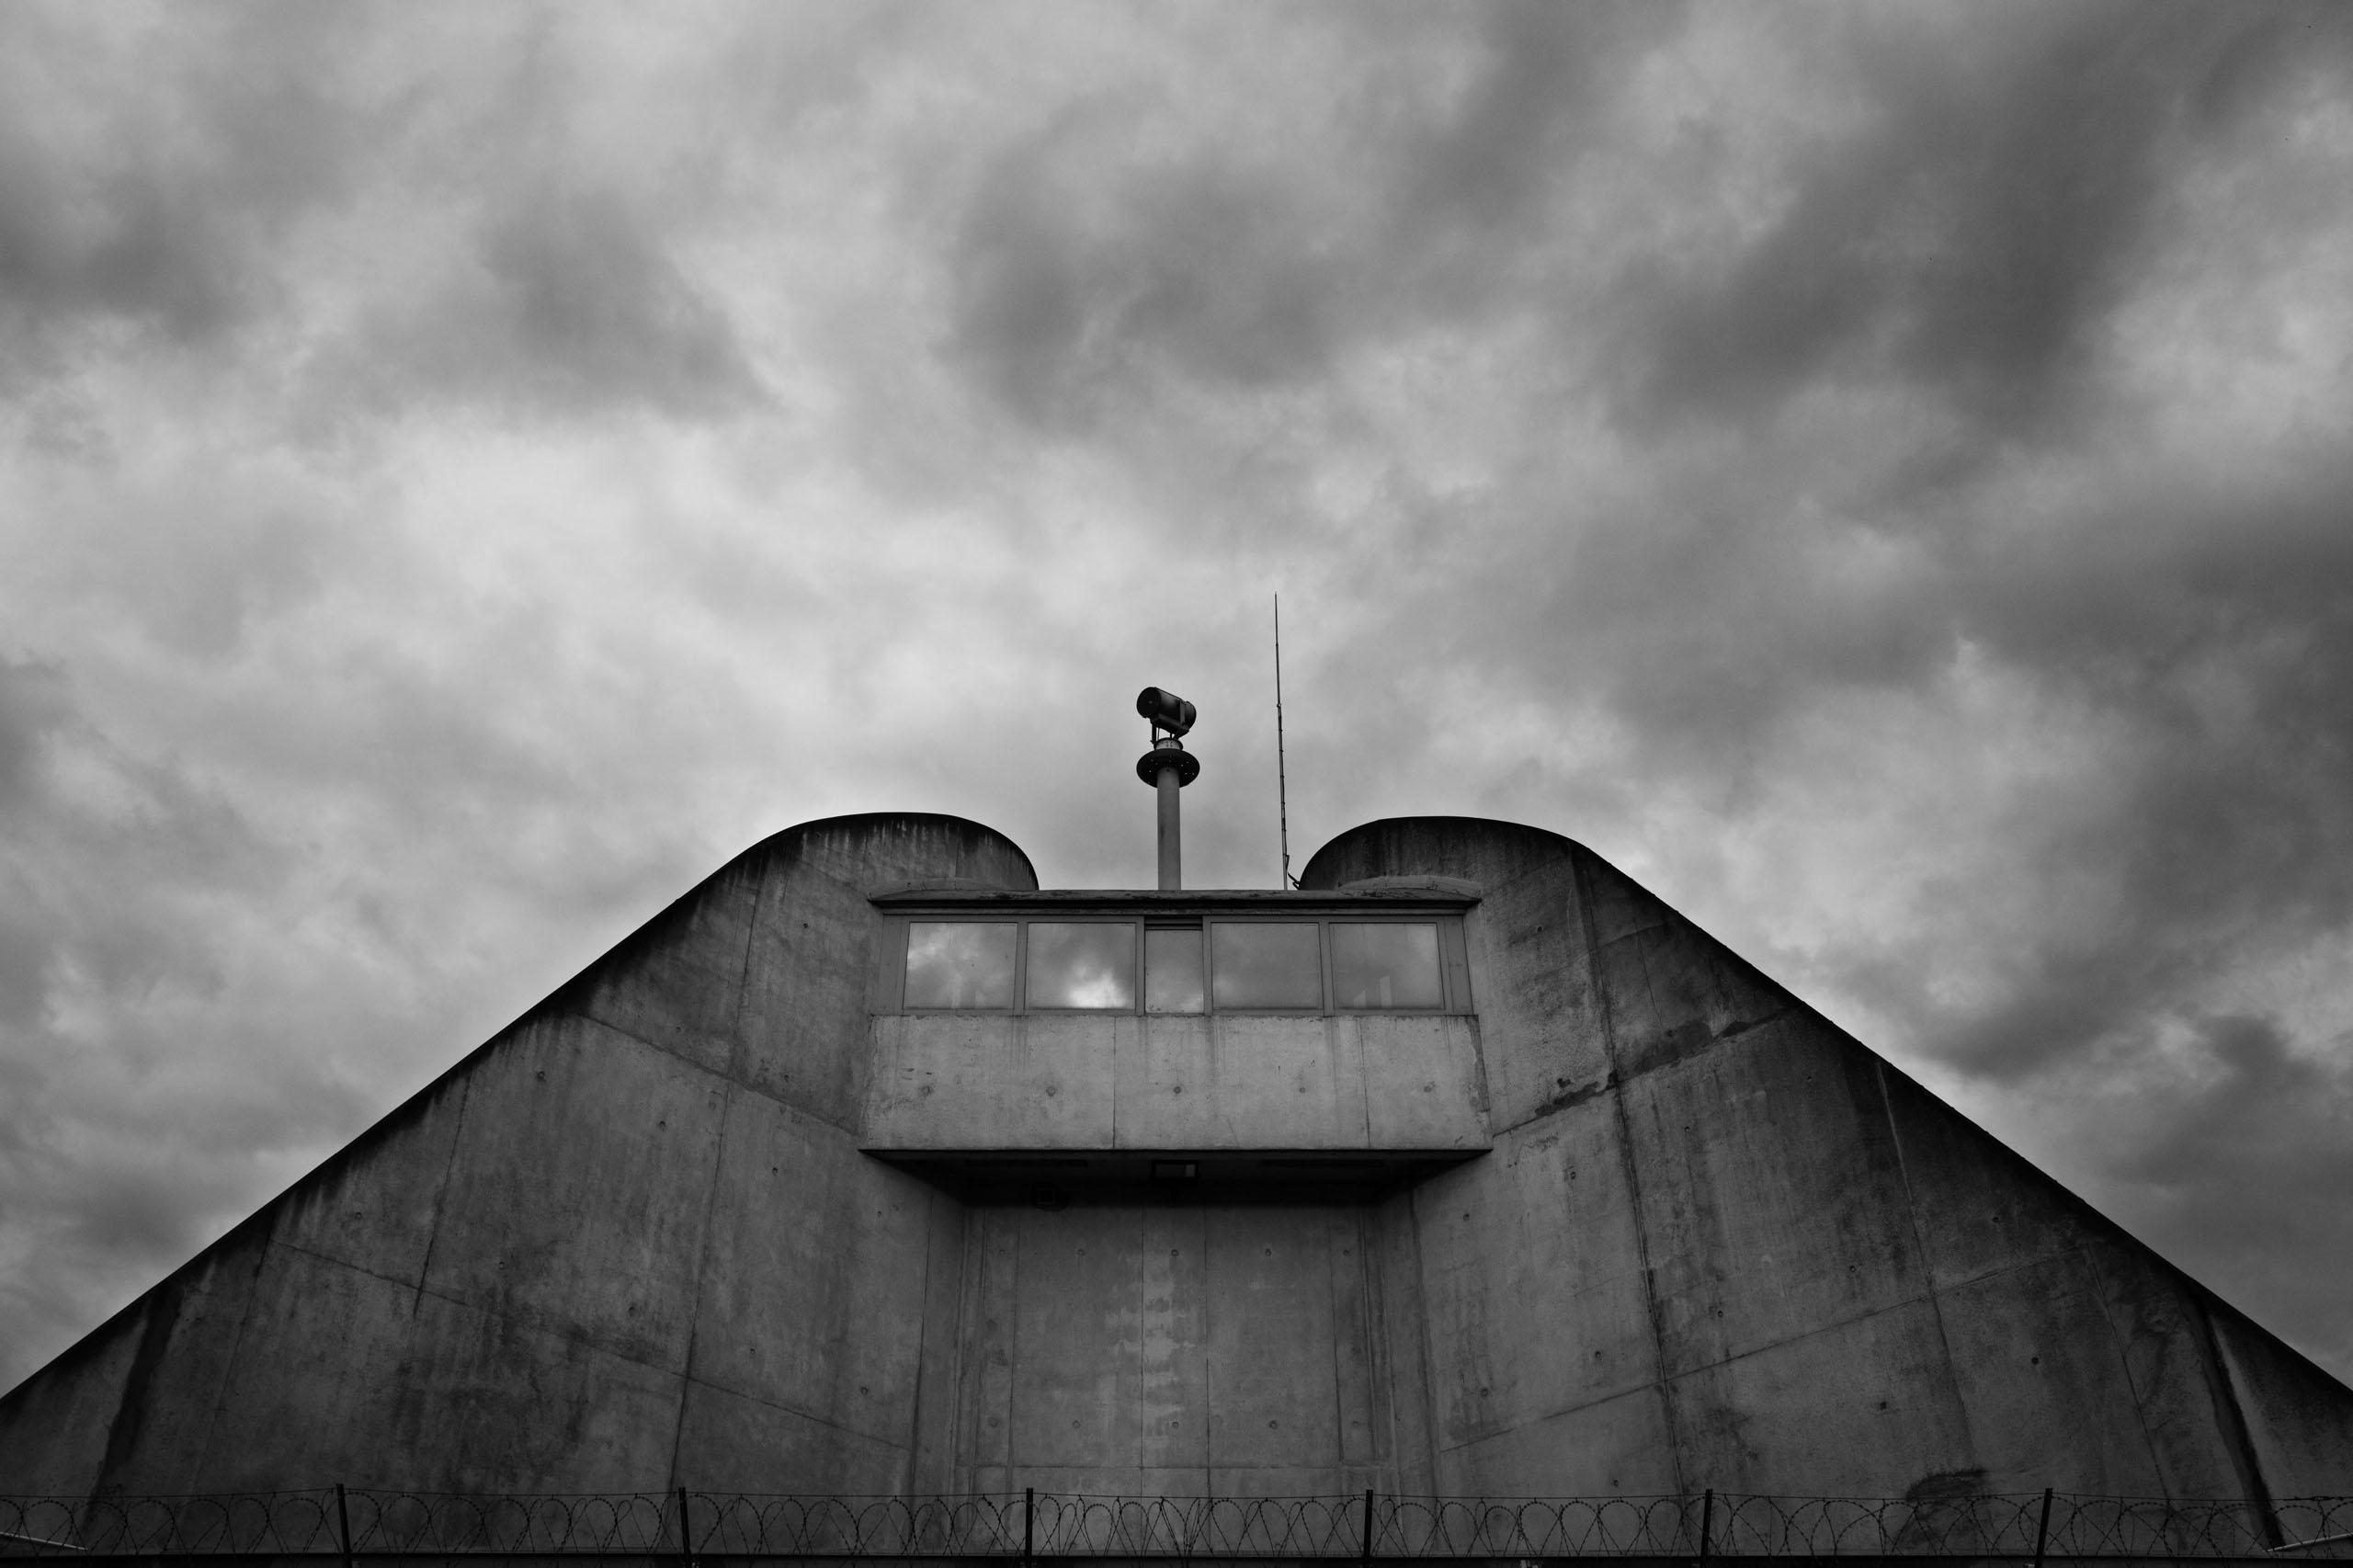 The Meaux-Chauconin penitentiary, outside Paris, France, Nov. 23, 2016.